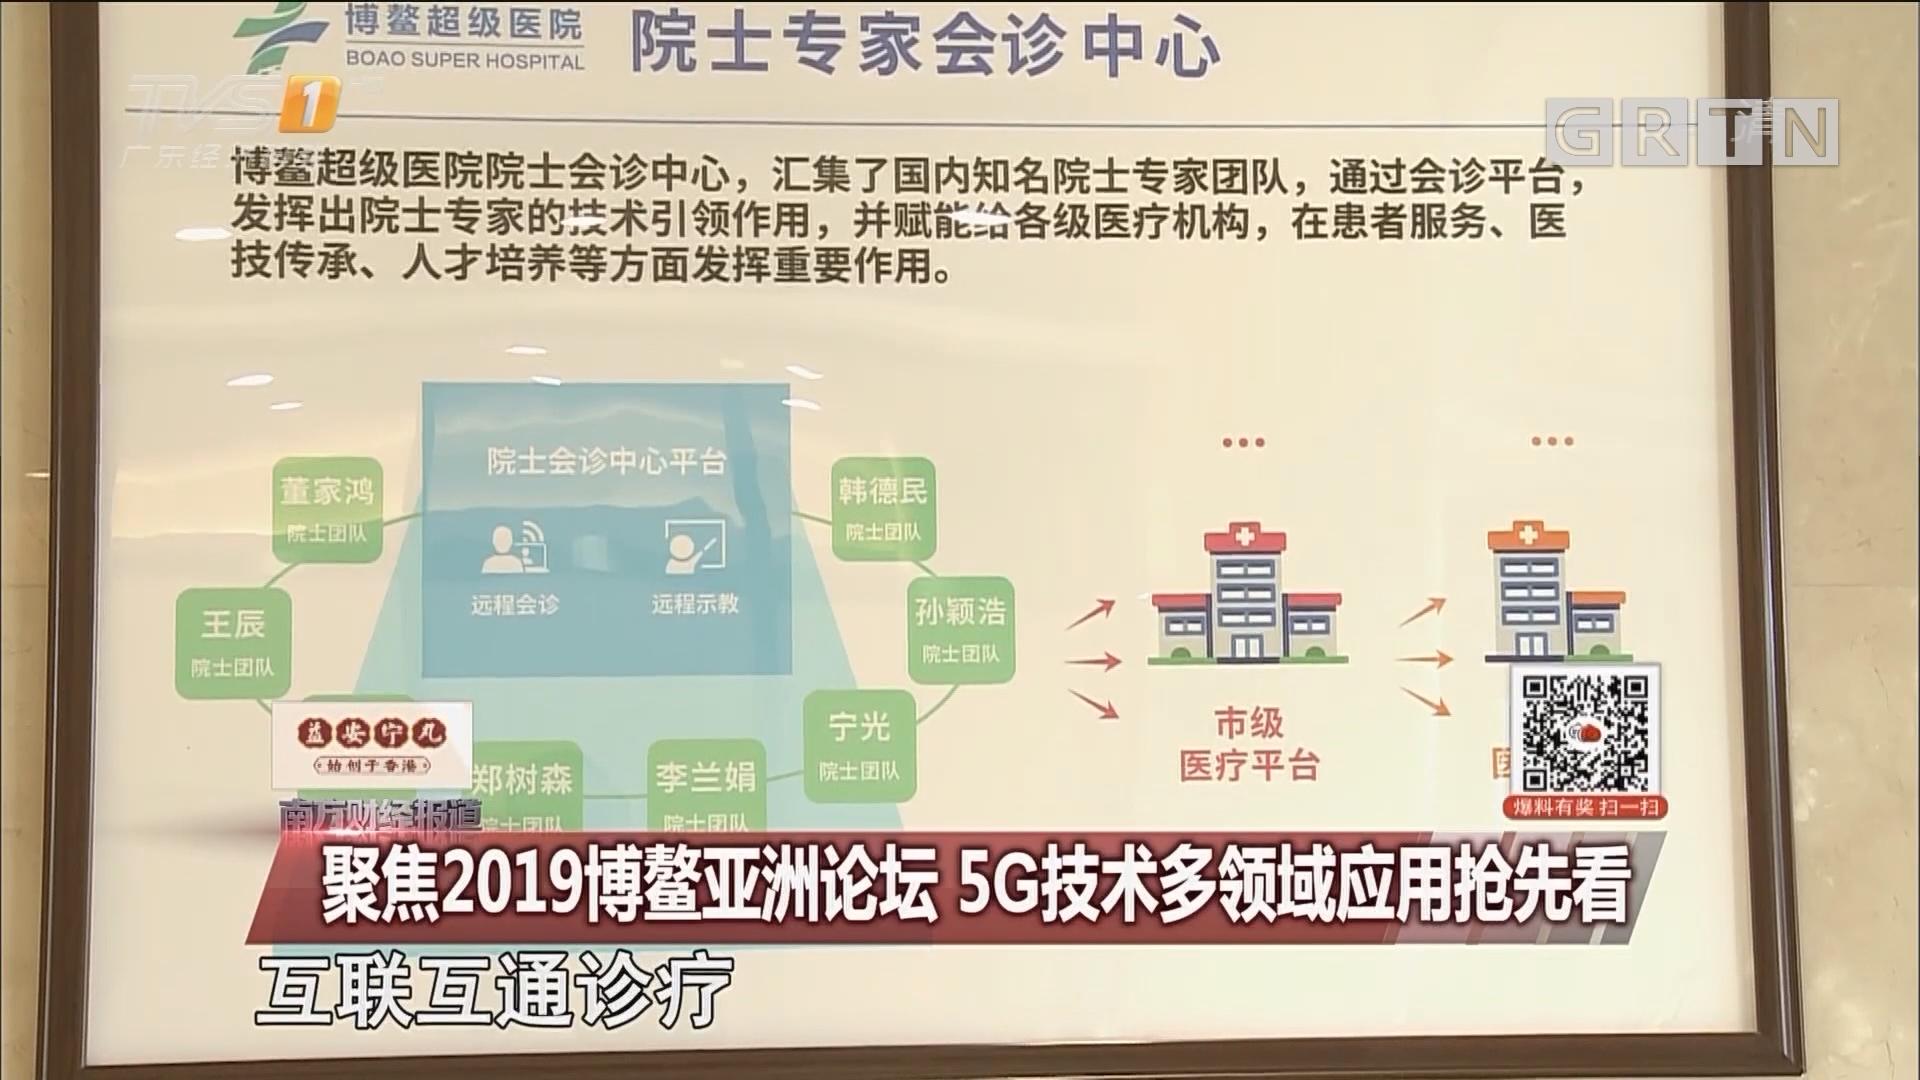 聚焦2019博鳌亚洲论坛 5G技术多领域应用抢先看